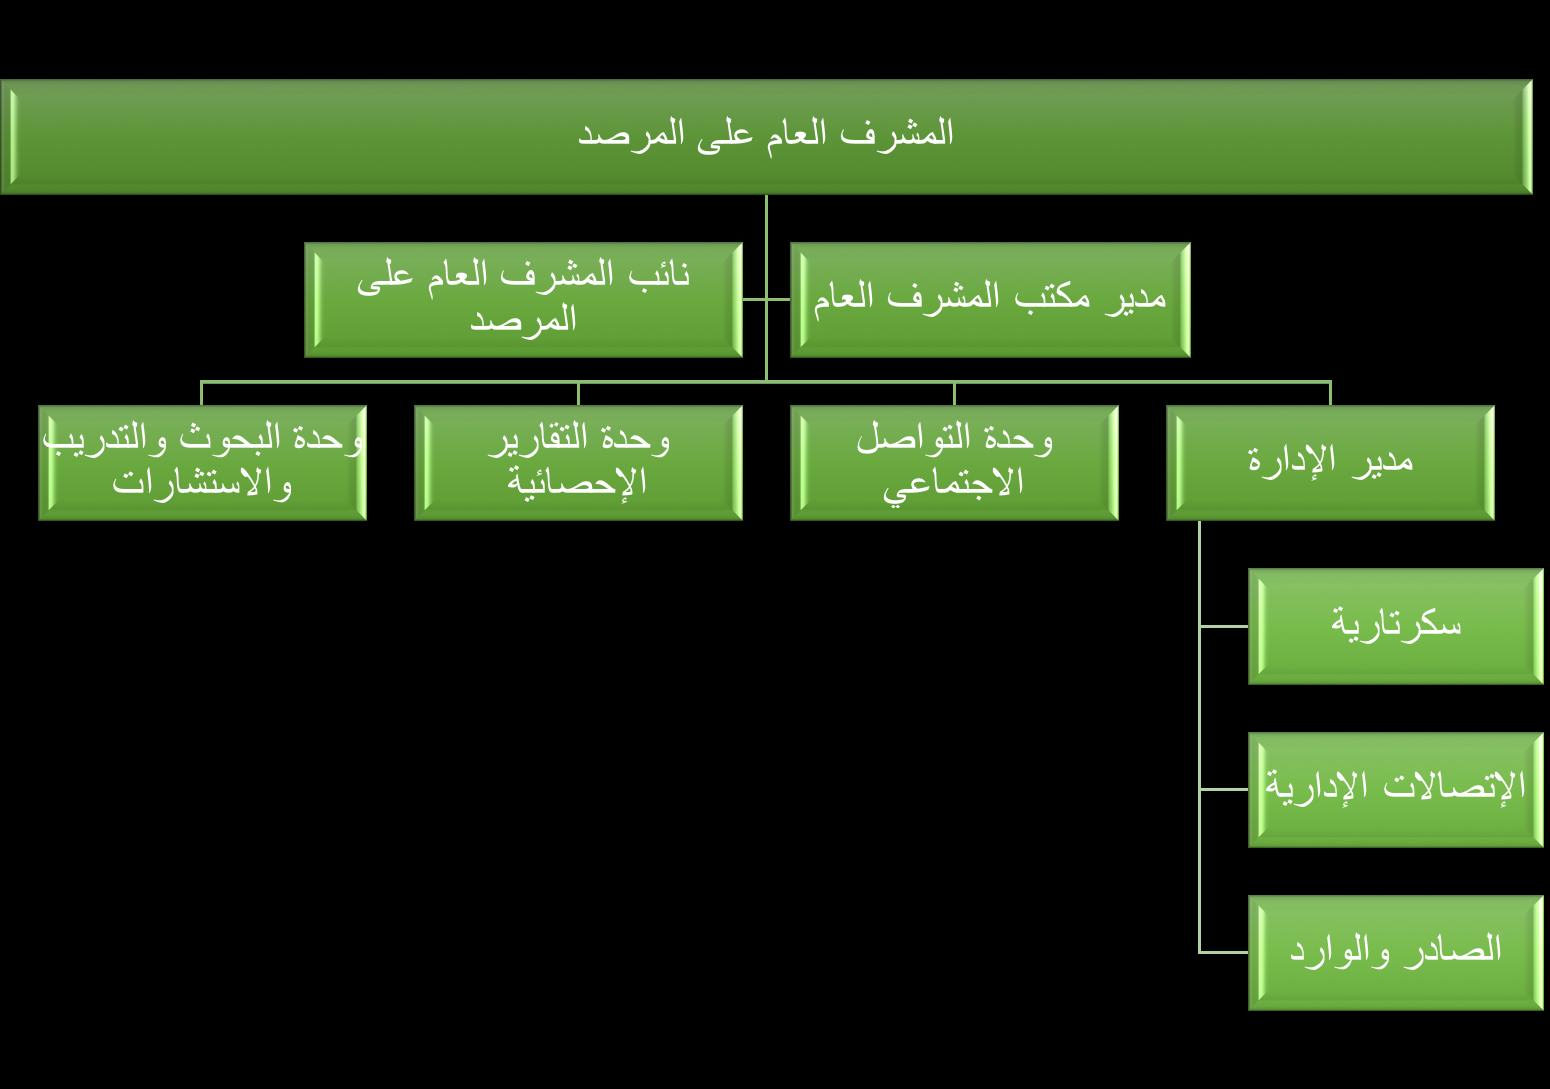 الهيكل الإداري